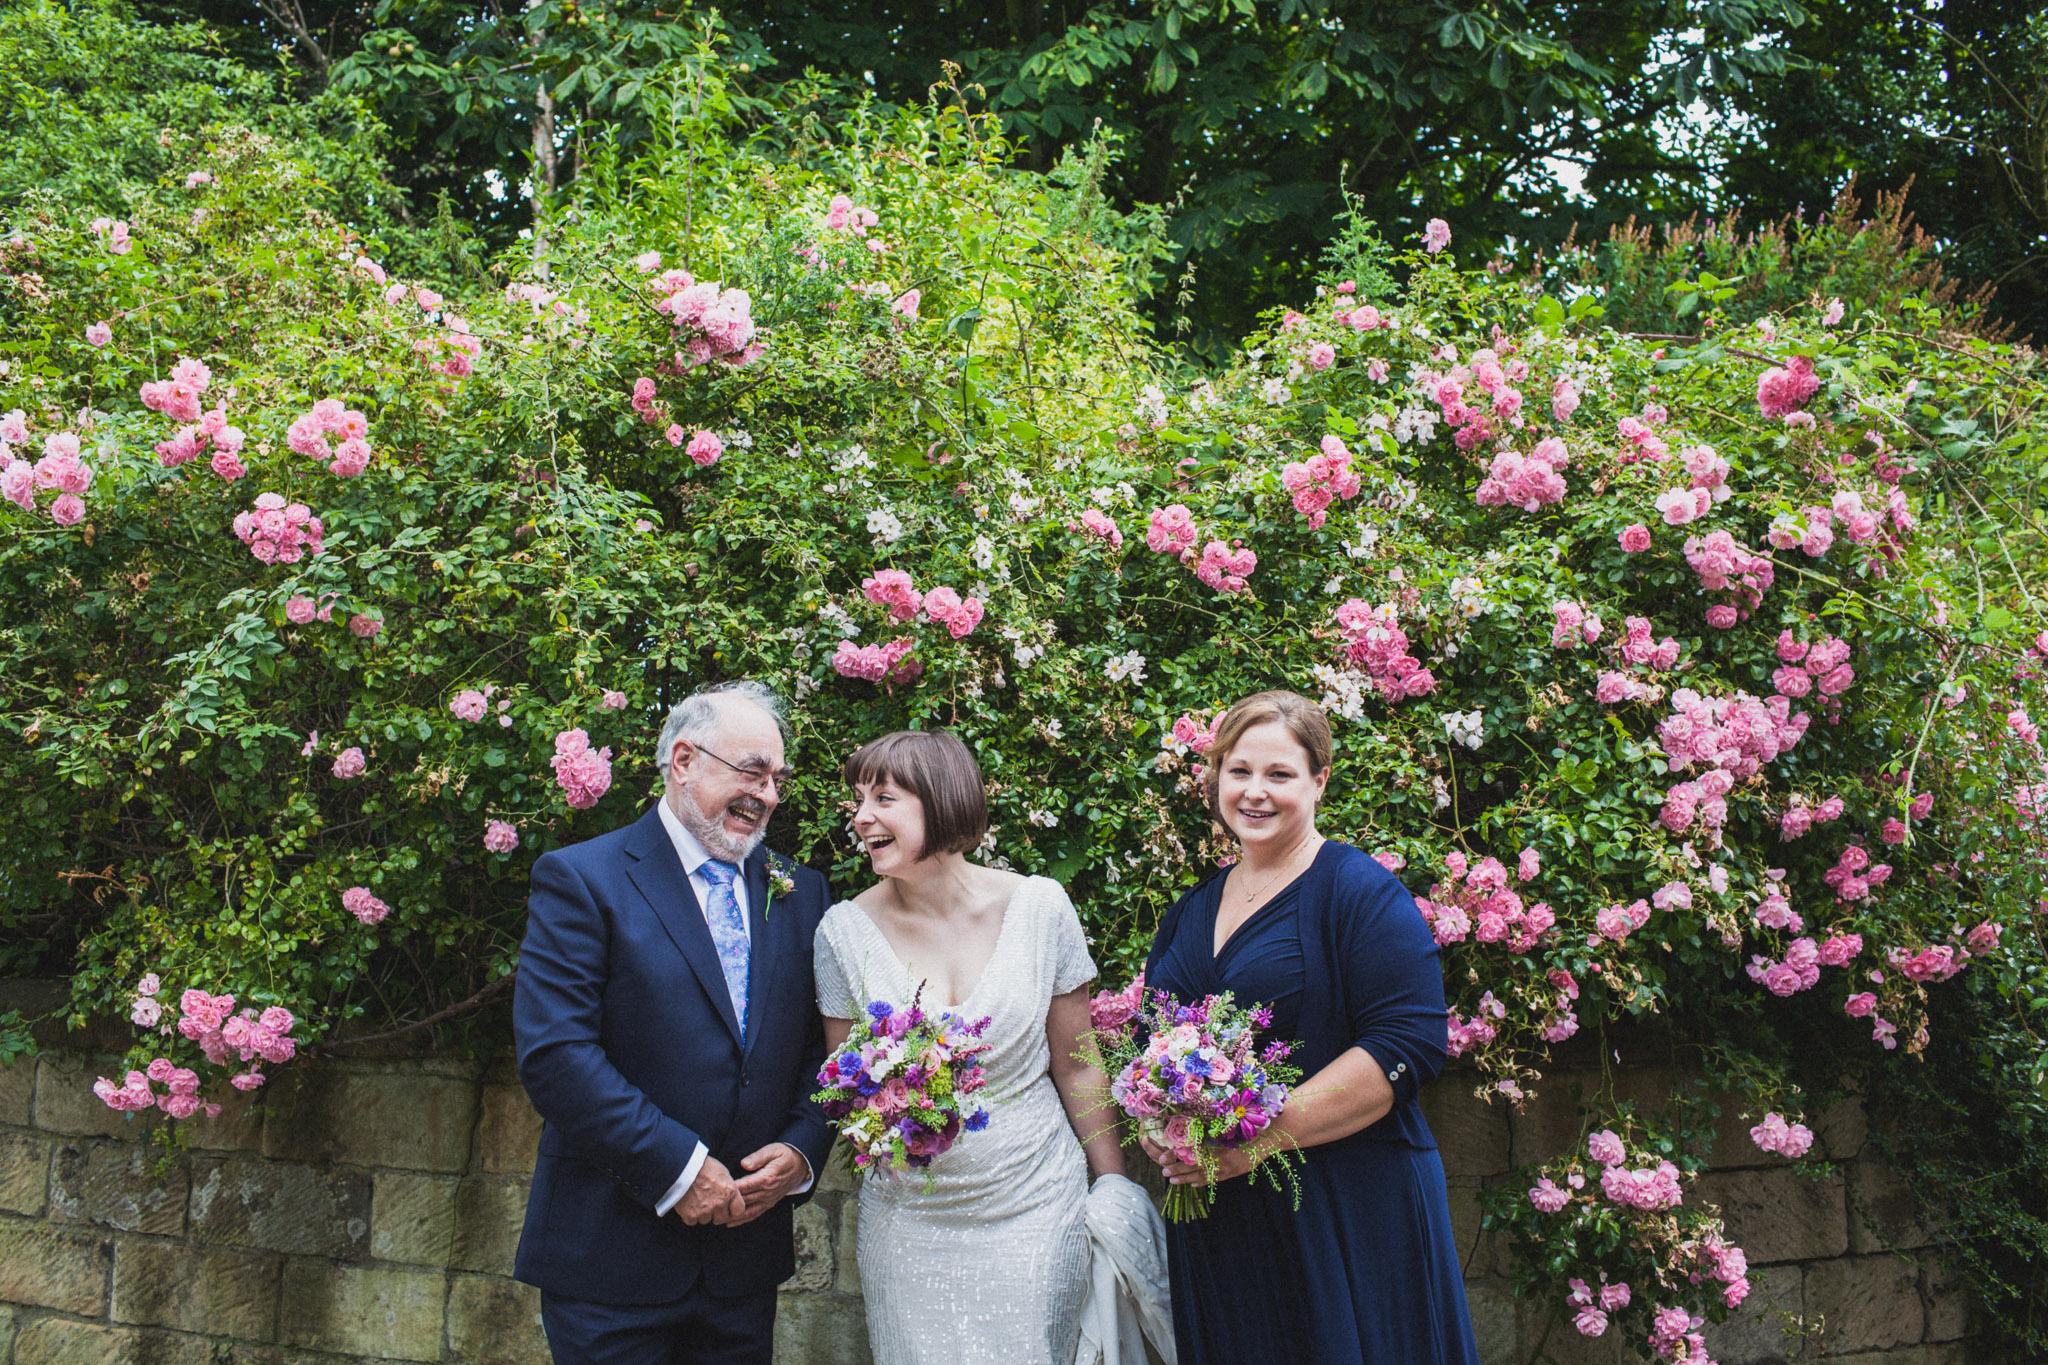 wedding_robin_hoods_bay_whitby_020.jpg